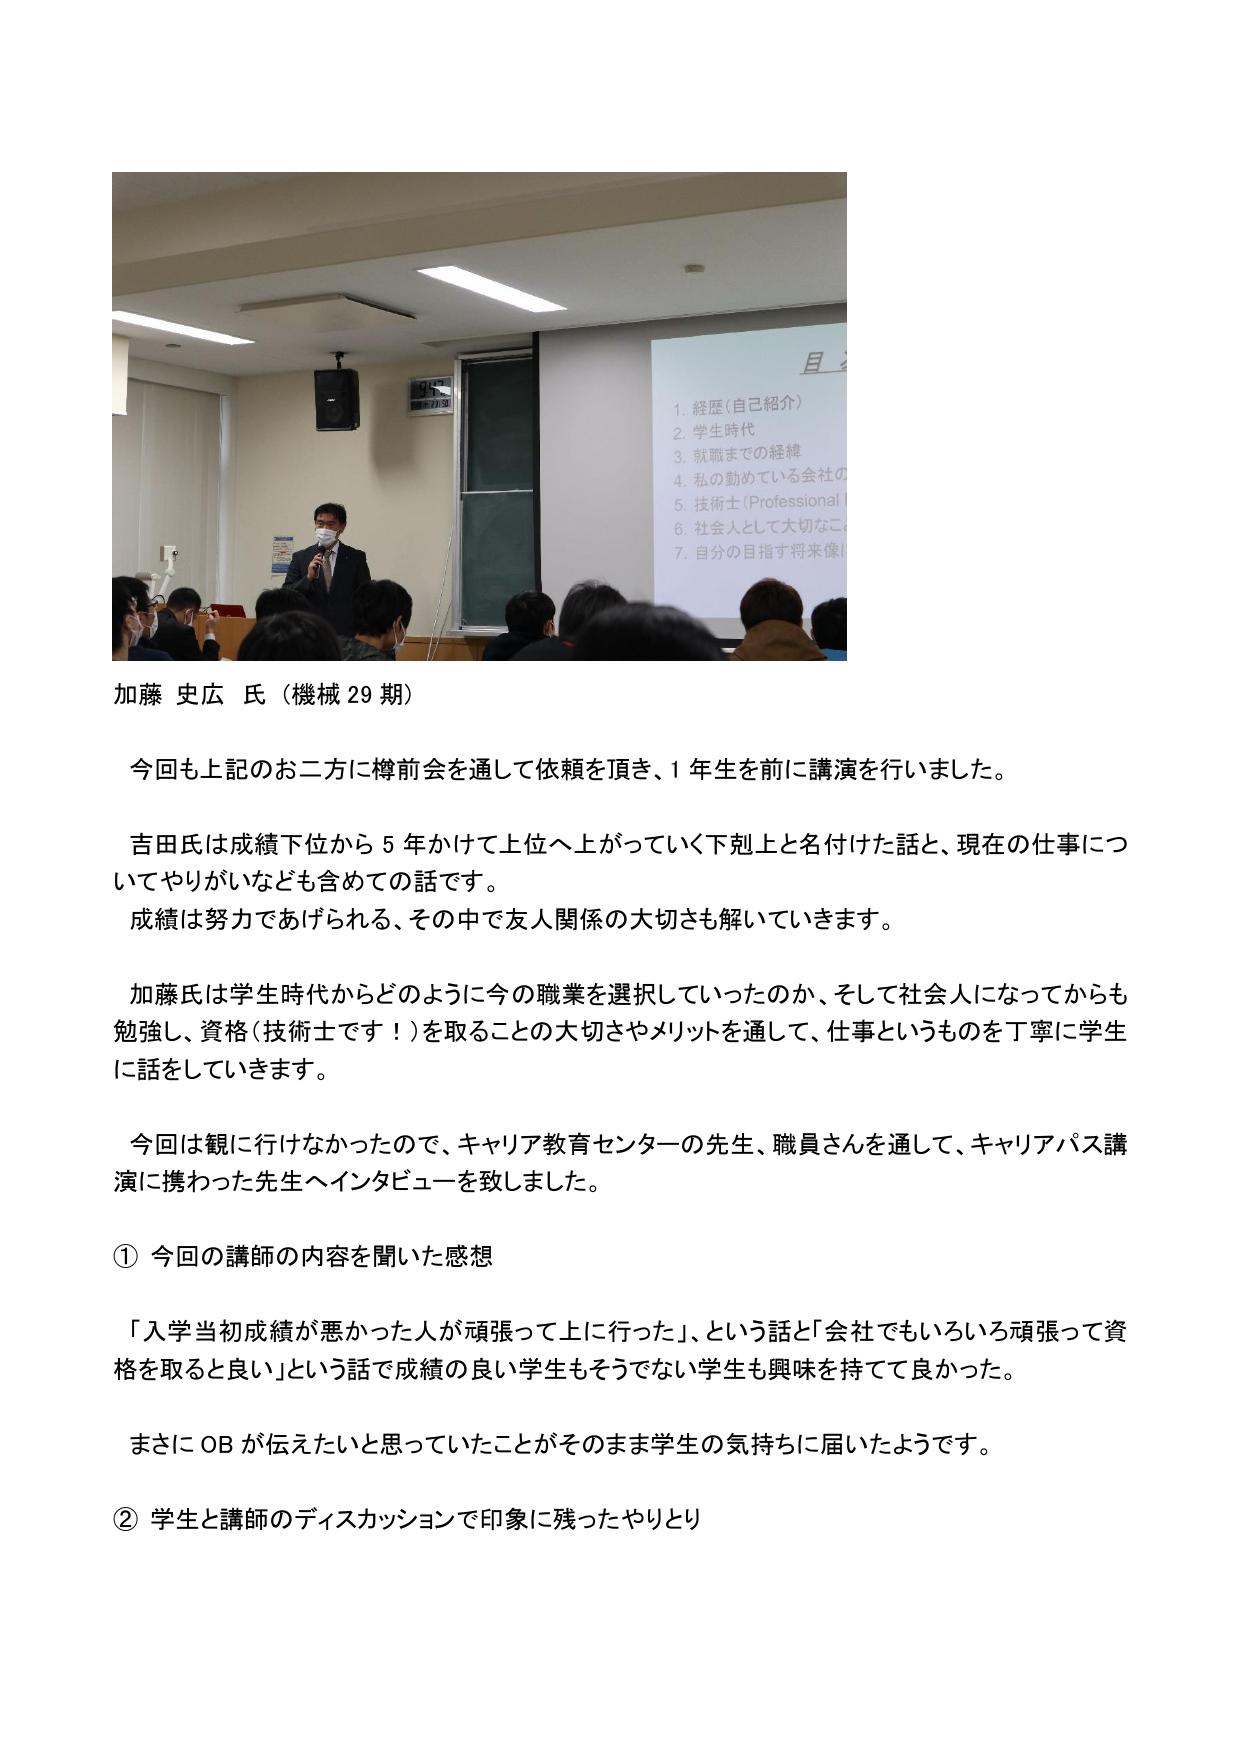 キャリアパス講演_page-0002